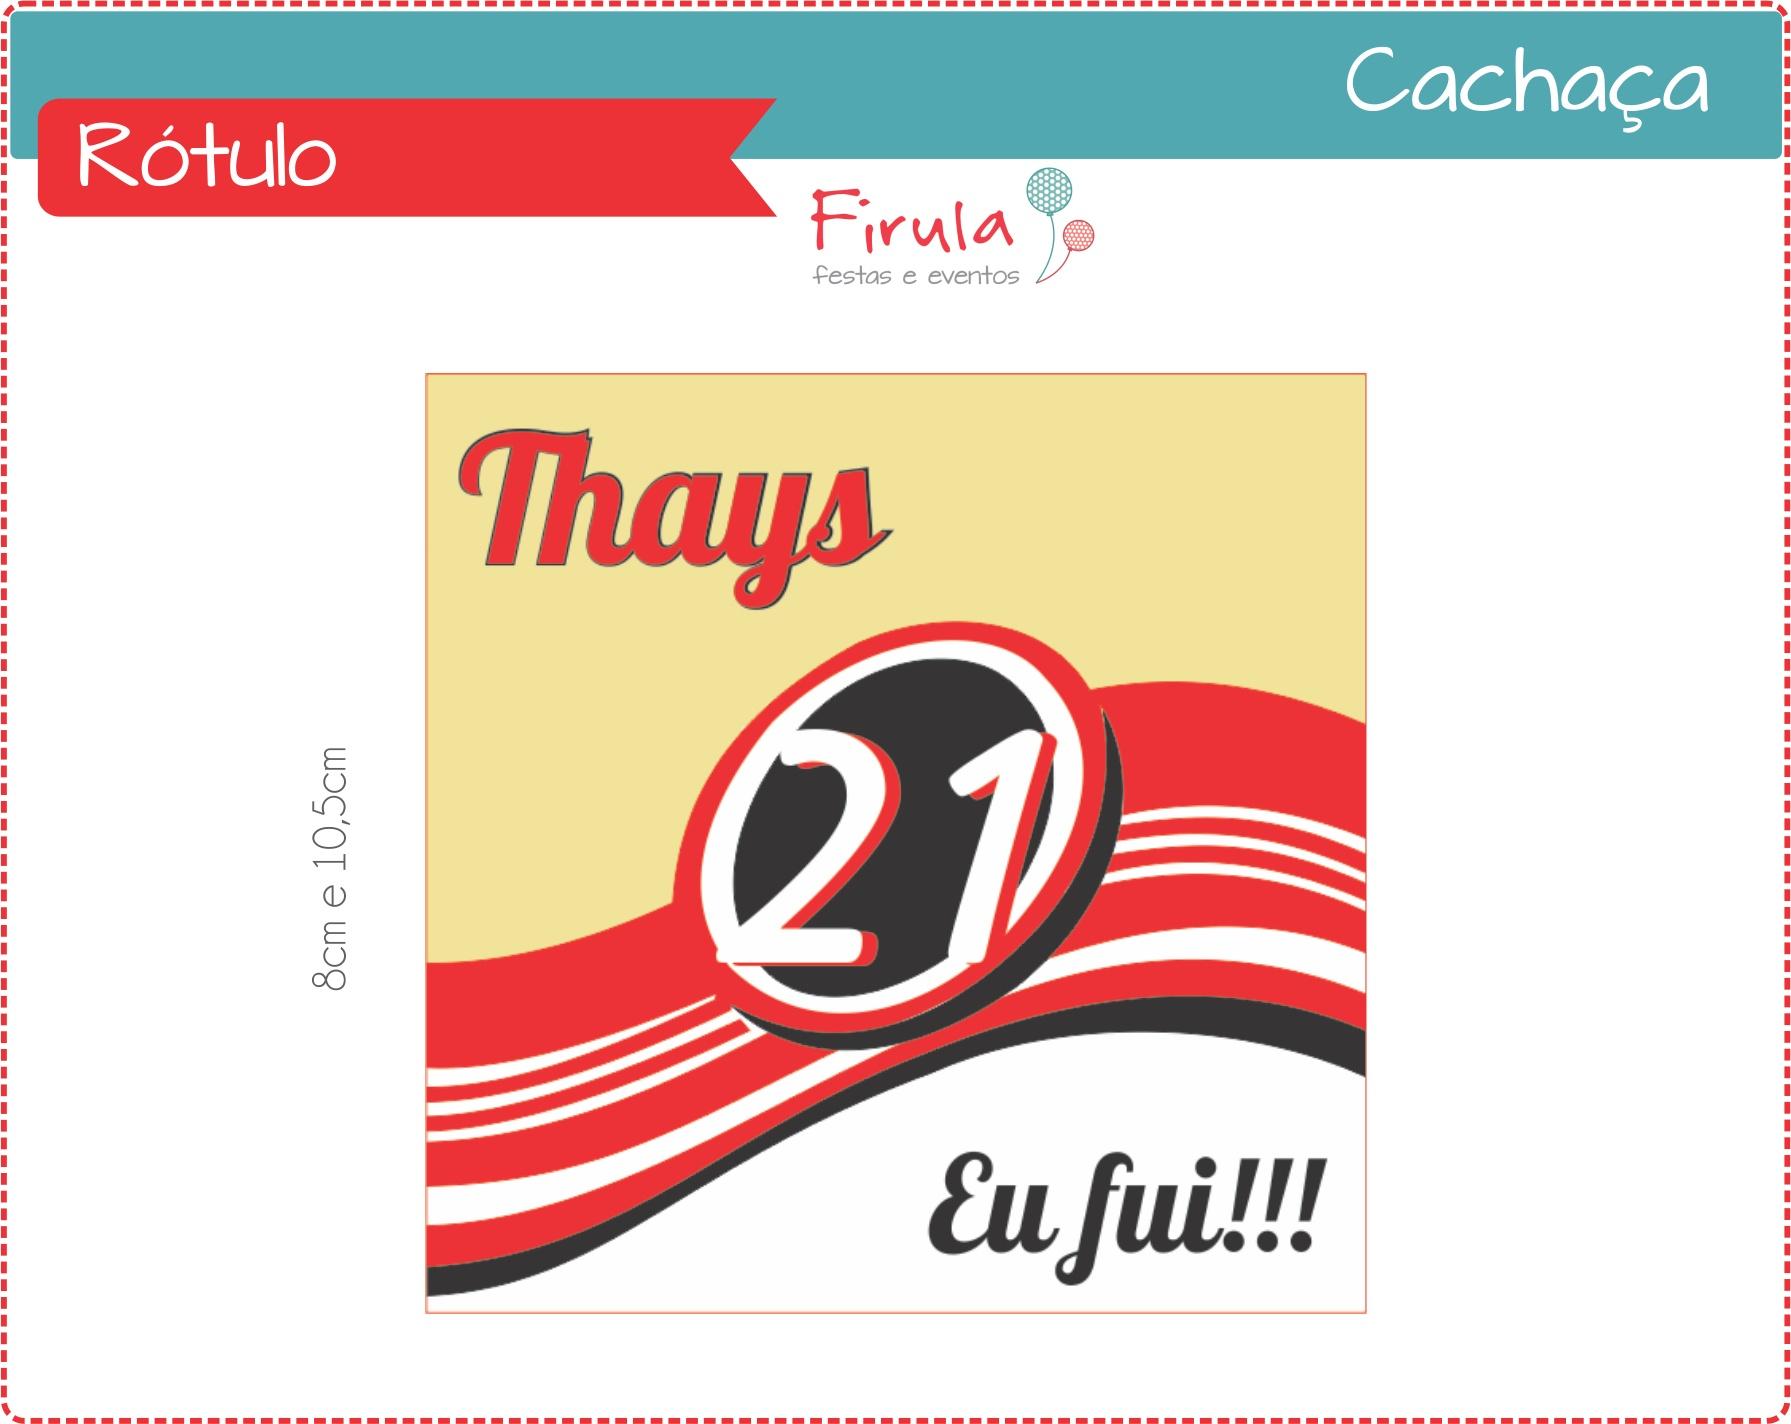 Kit Digital Buteco Rotulo De Cachaca No Elo7 Firula Festas